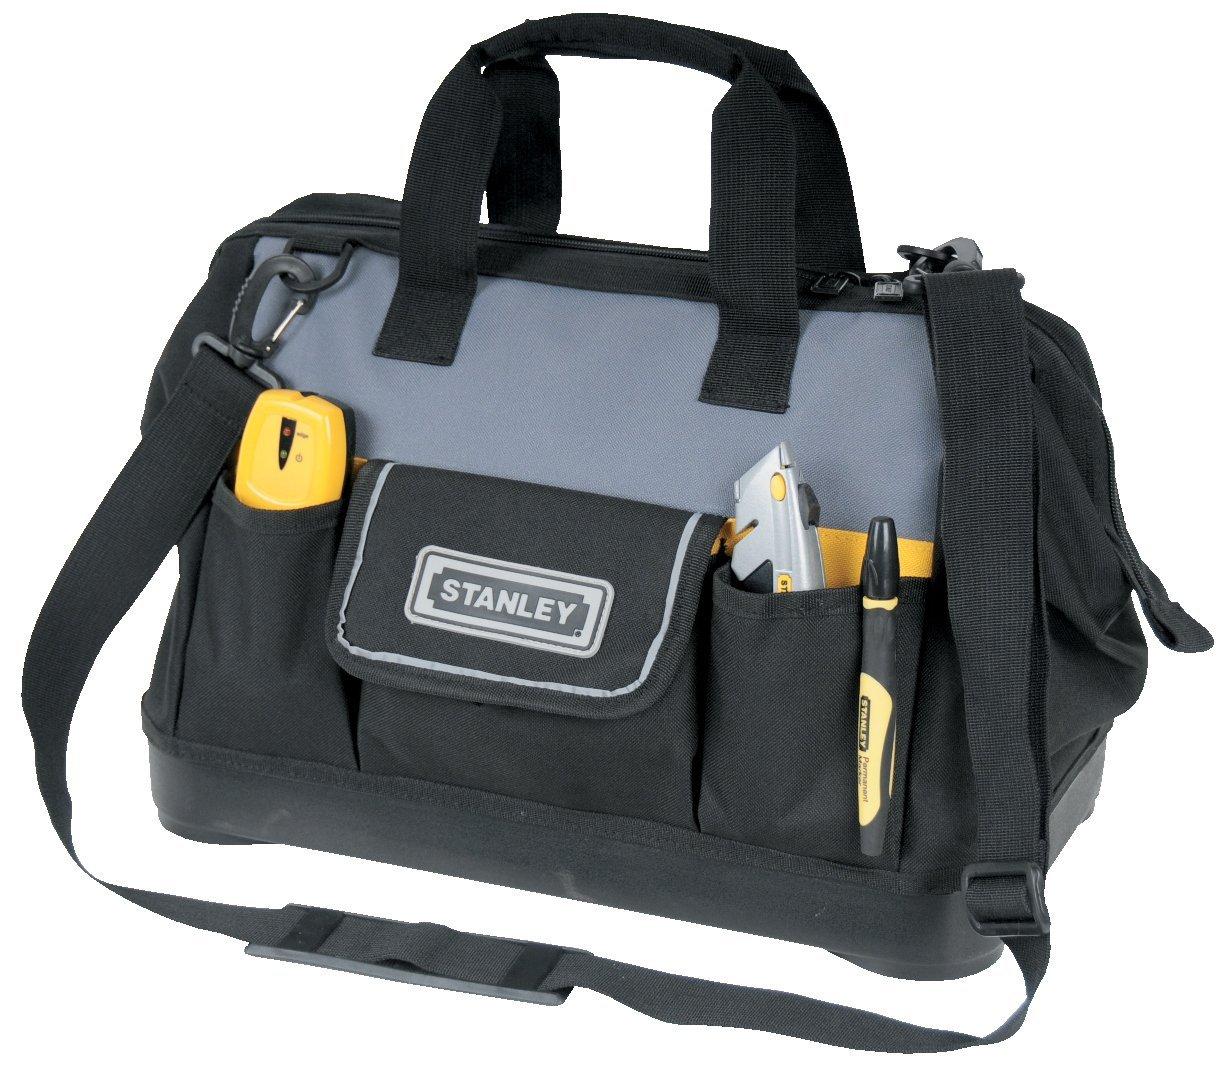 STANLEY 1-96-183 - Bolsa para herramientas de gran abertura con cremallera,